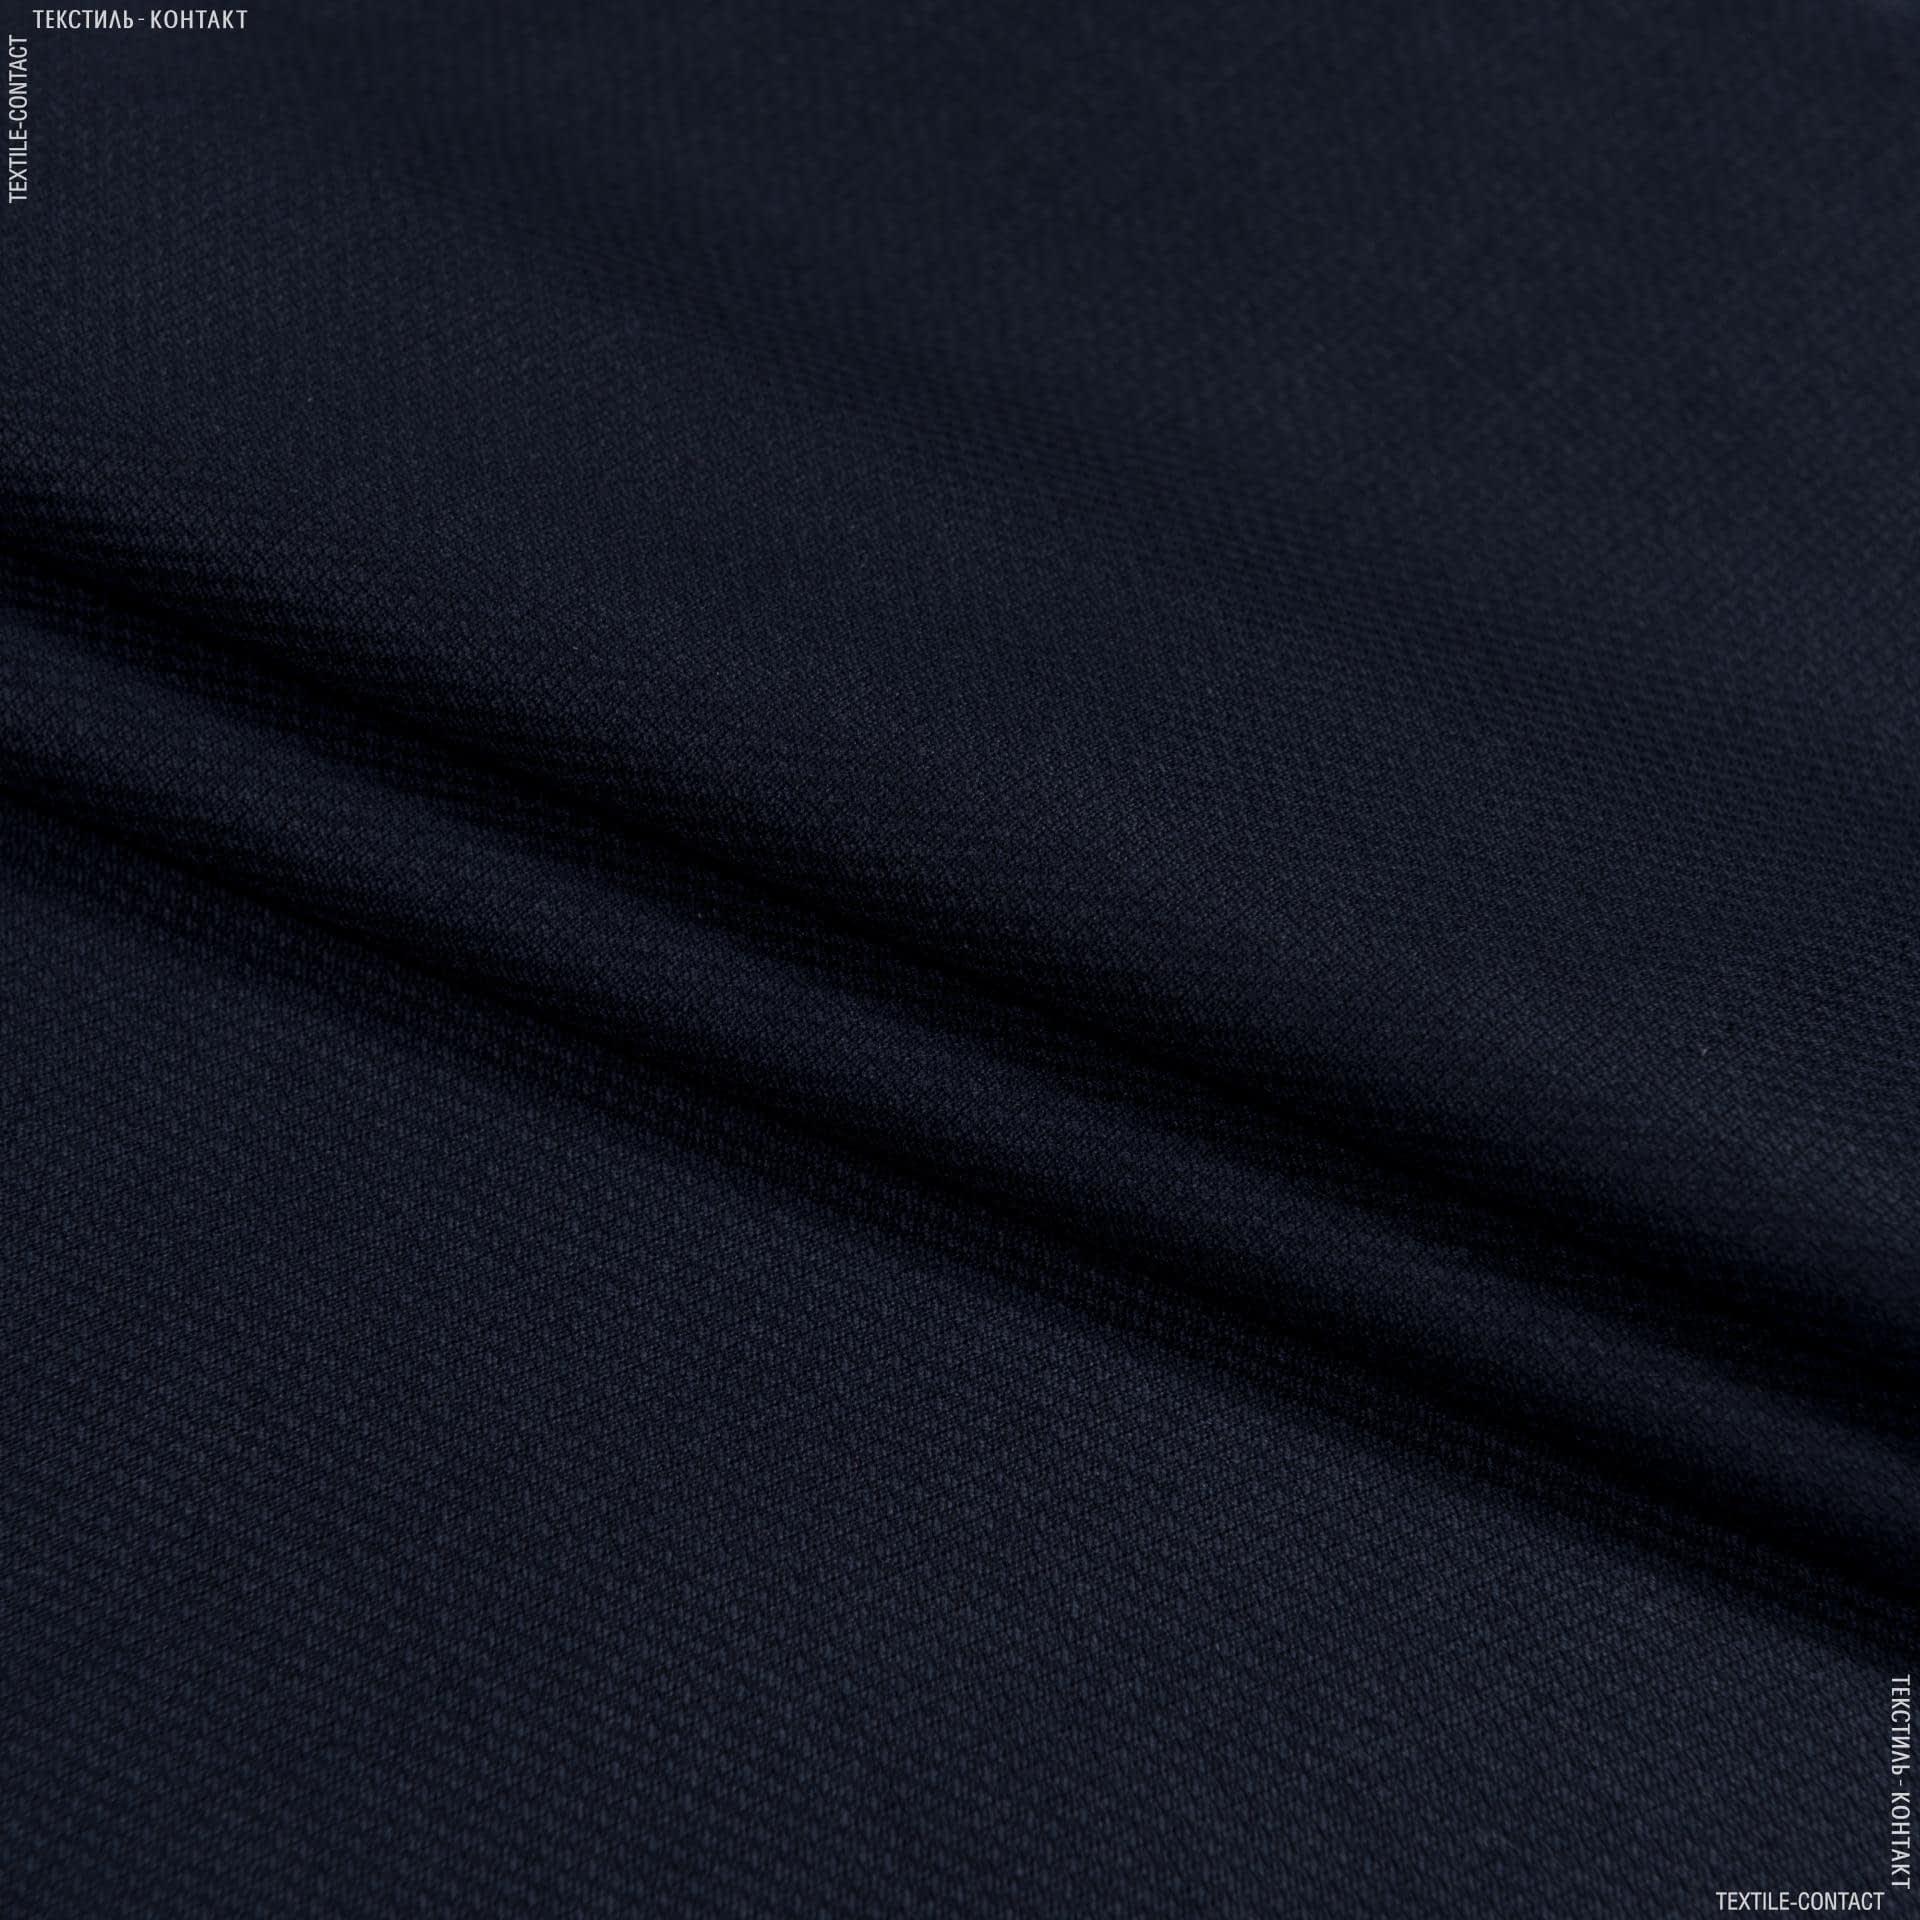 Тканини для костюмів - Костюмна піке темно-синій